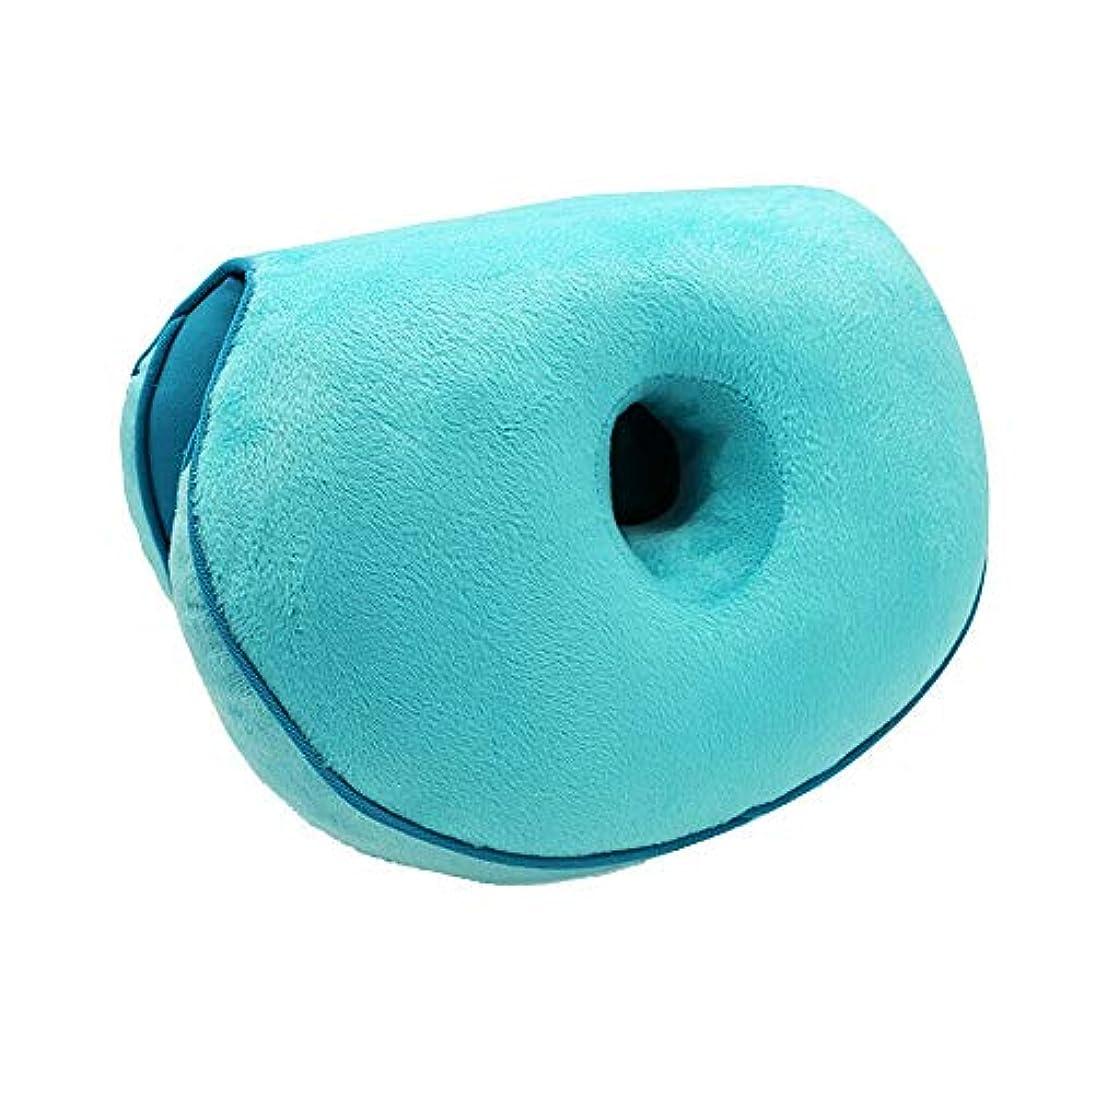 洗う身元香水LIFE 新デュアルシートクッション低反発ラテックスオフィスチェアバックシートクッション快適な臀部マットパッド枕旅行枕女性女の子 クッション 椅子